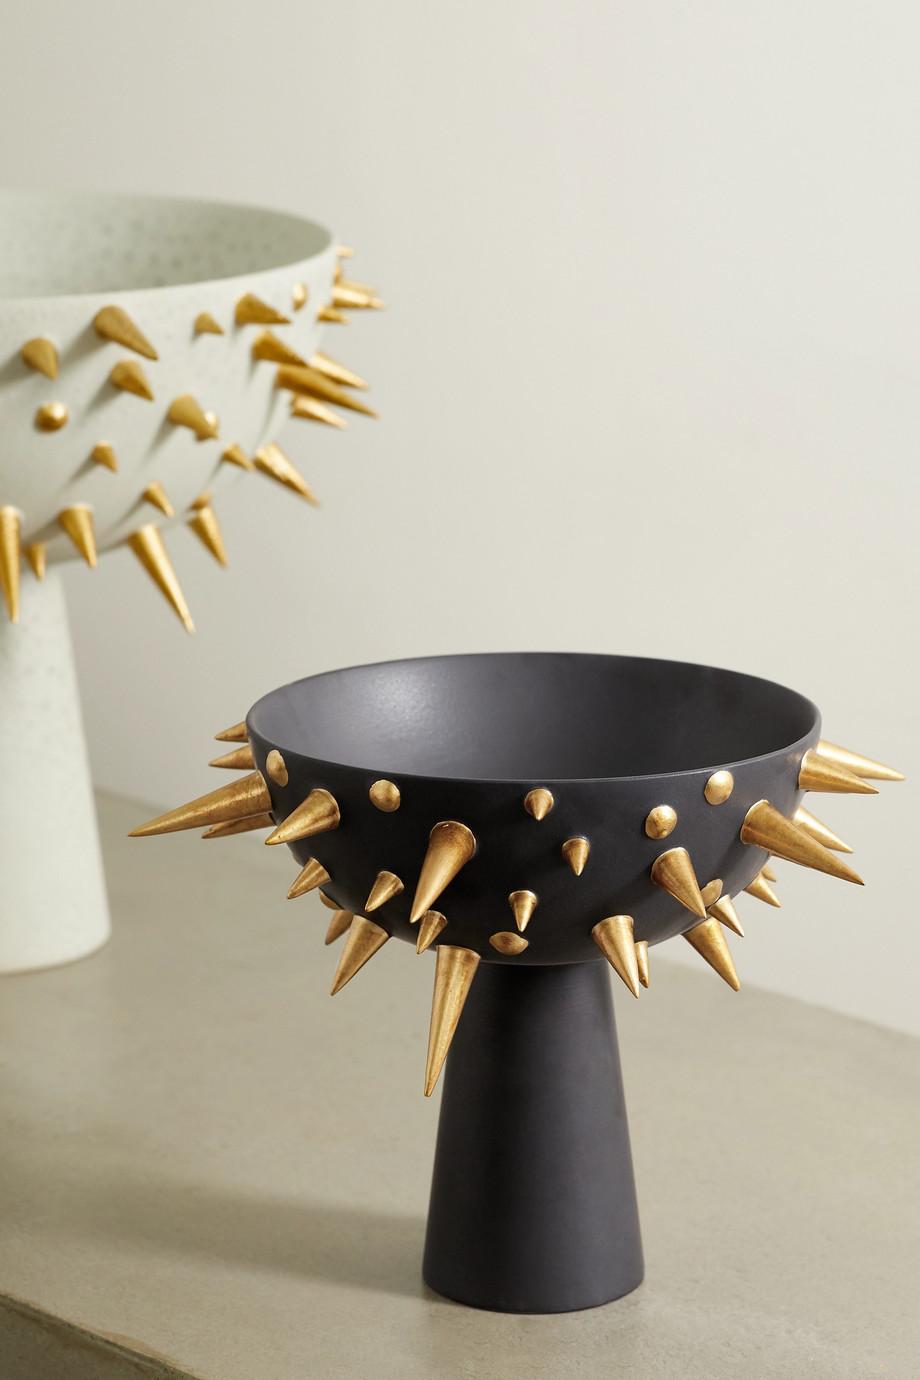 L'Objet Celestial small earthenware bowl